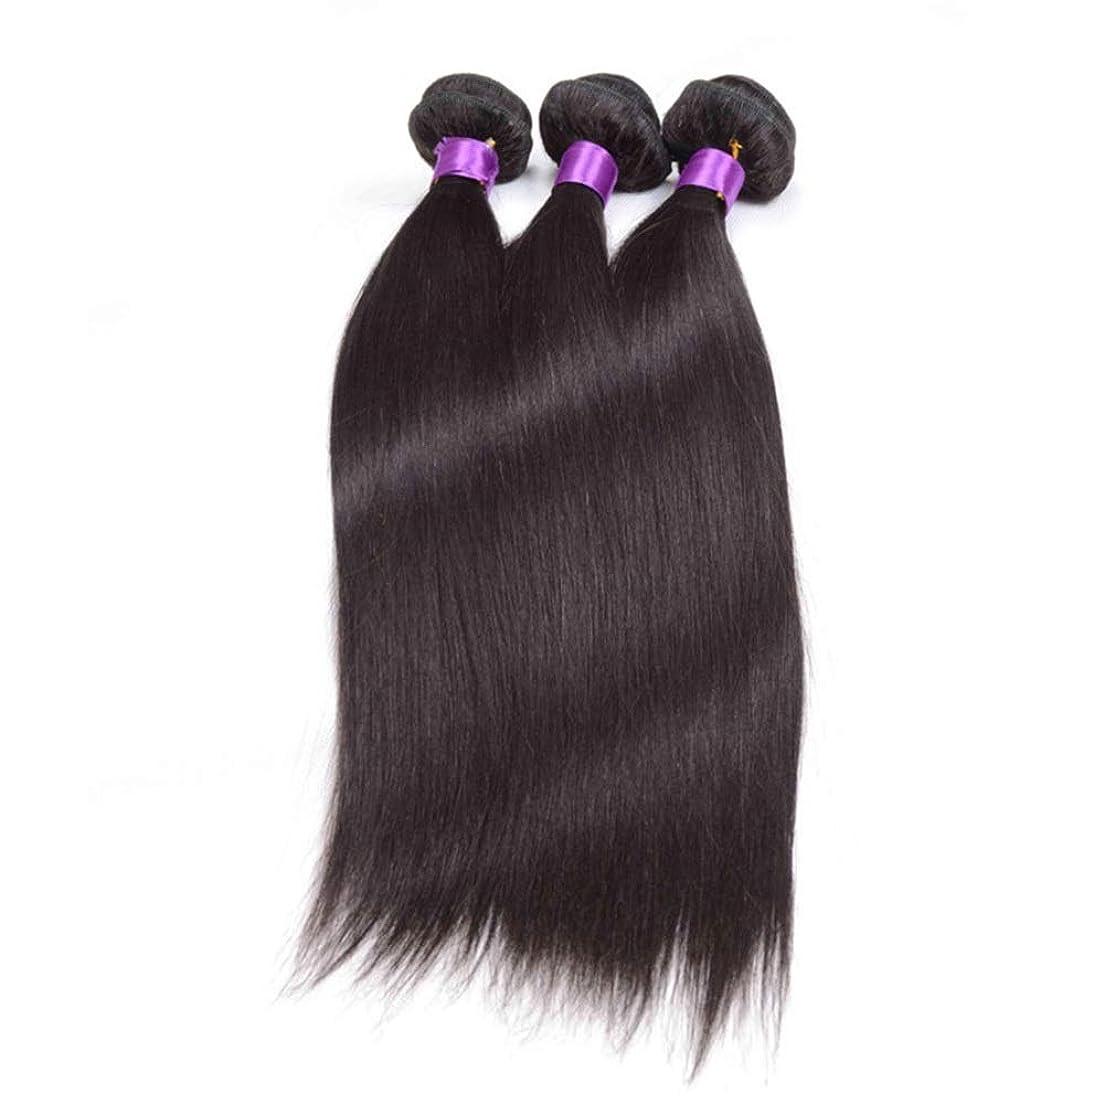 脱臼する統計船上Yrattary ブラジルのストレート人間の髪の毛の束シルキーストレート100%人毛の織り方エクステンションナチュラルブラック複合ヘアレースかつらロールプレイングかつら (色 : 黒, サイズ : 22 inch)